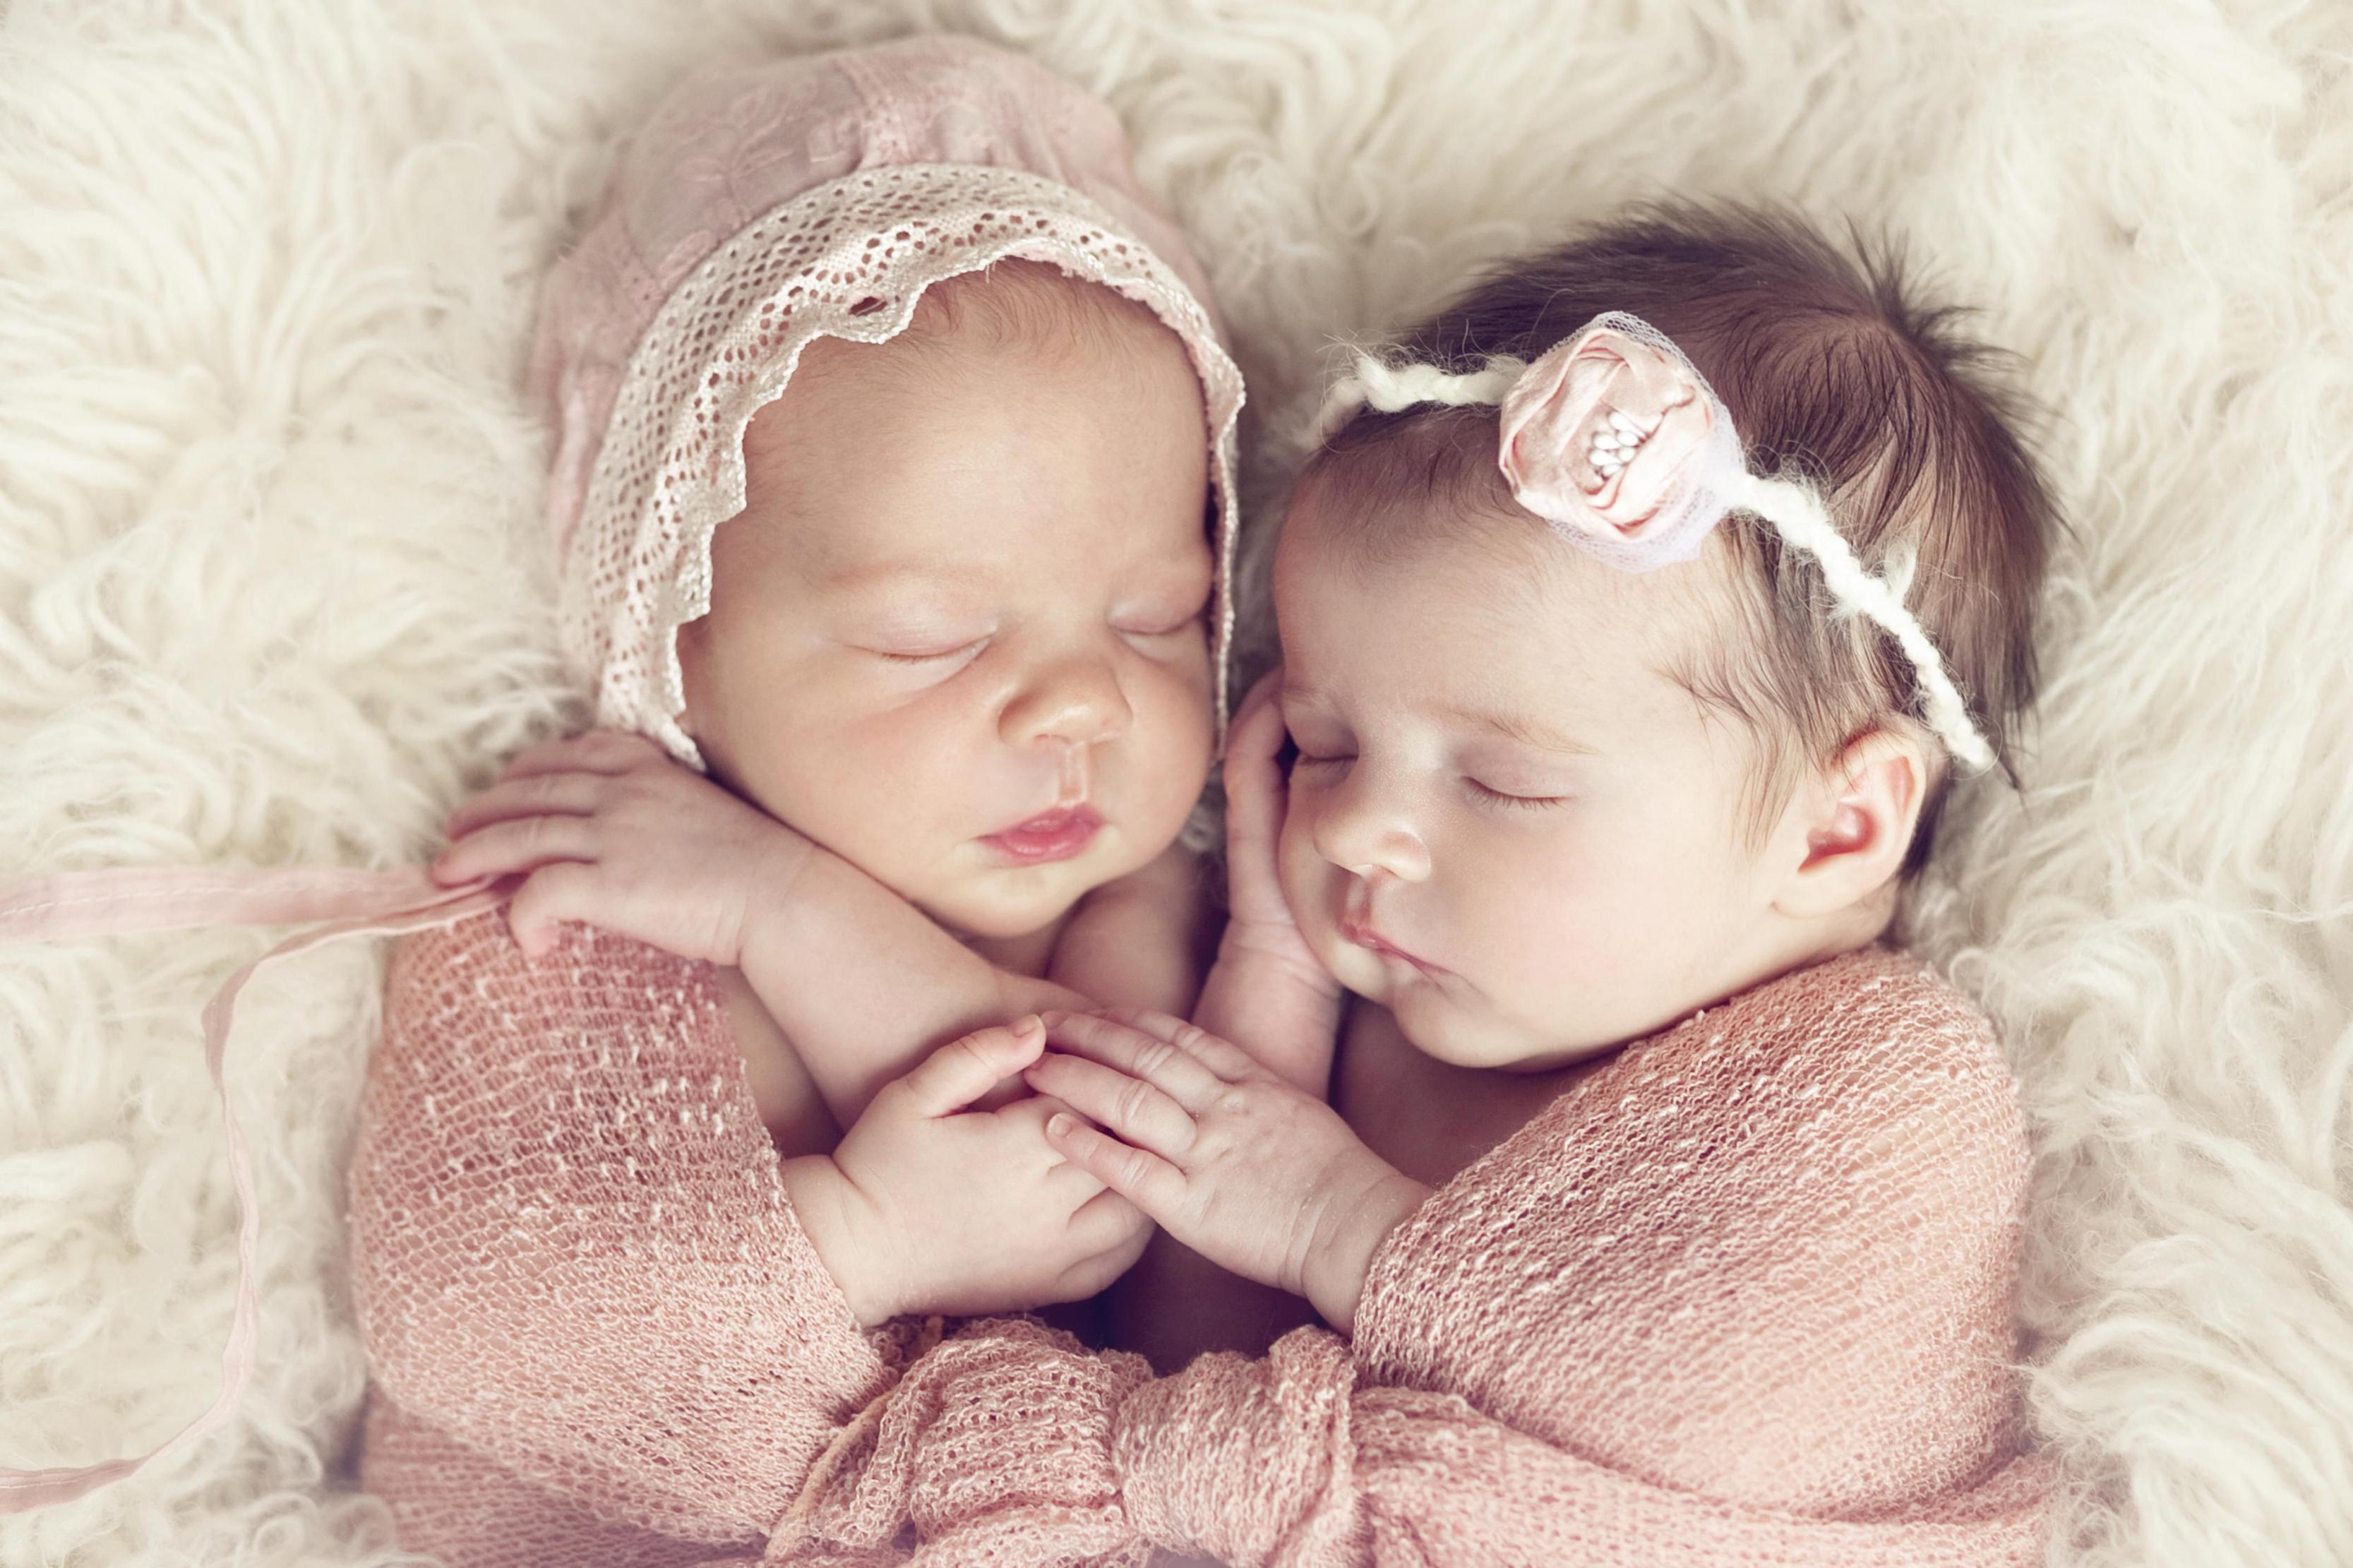 صورة اجمل الصور اطفال في العالم , الاطفال وسحرها واجمل التصرفات 6667 5